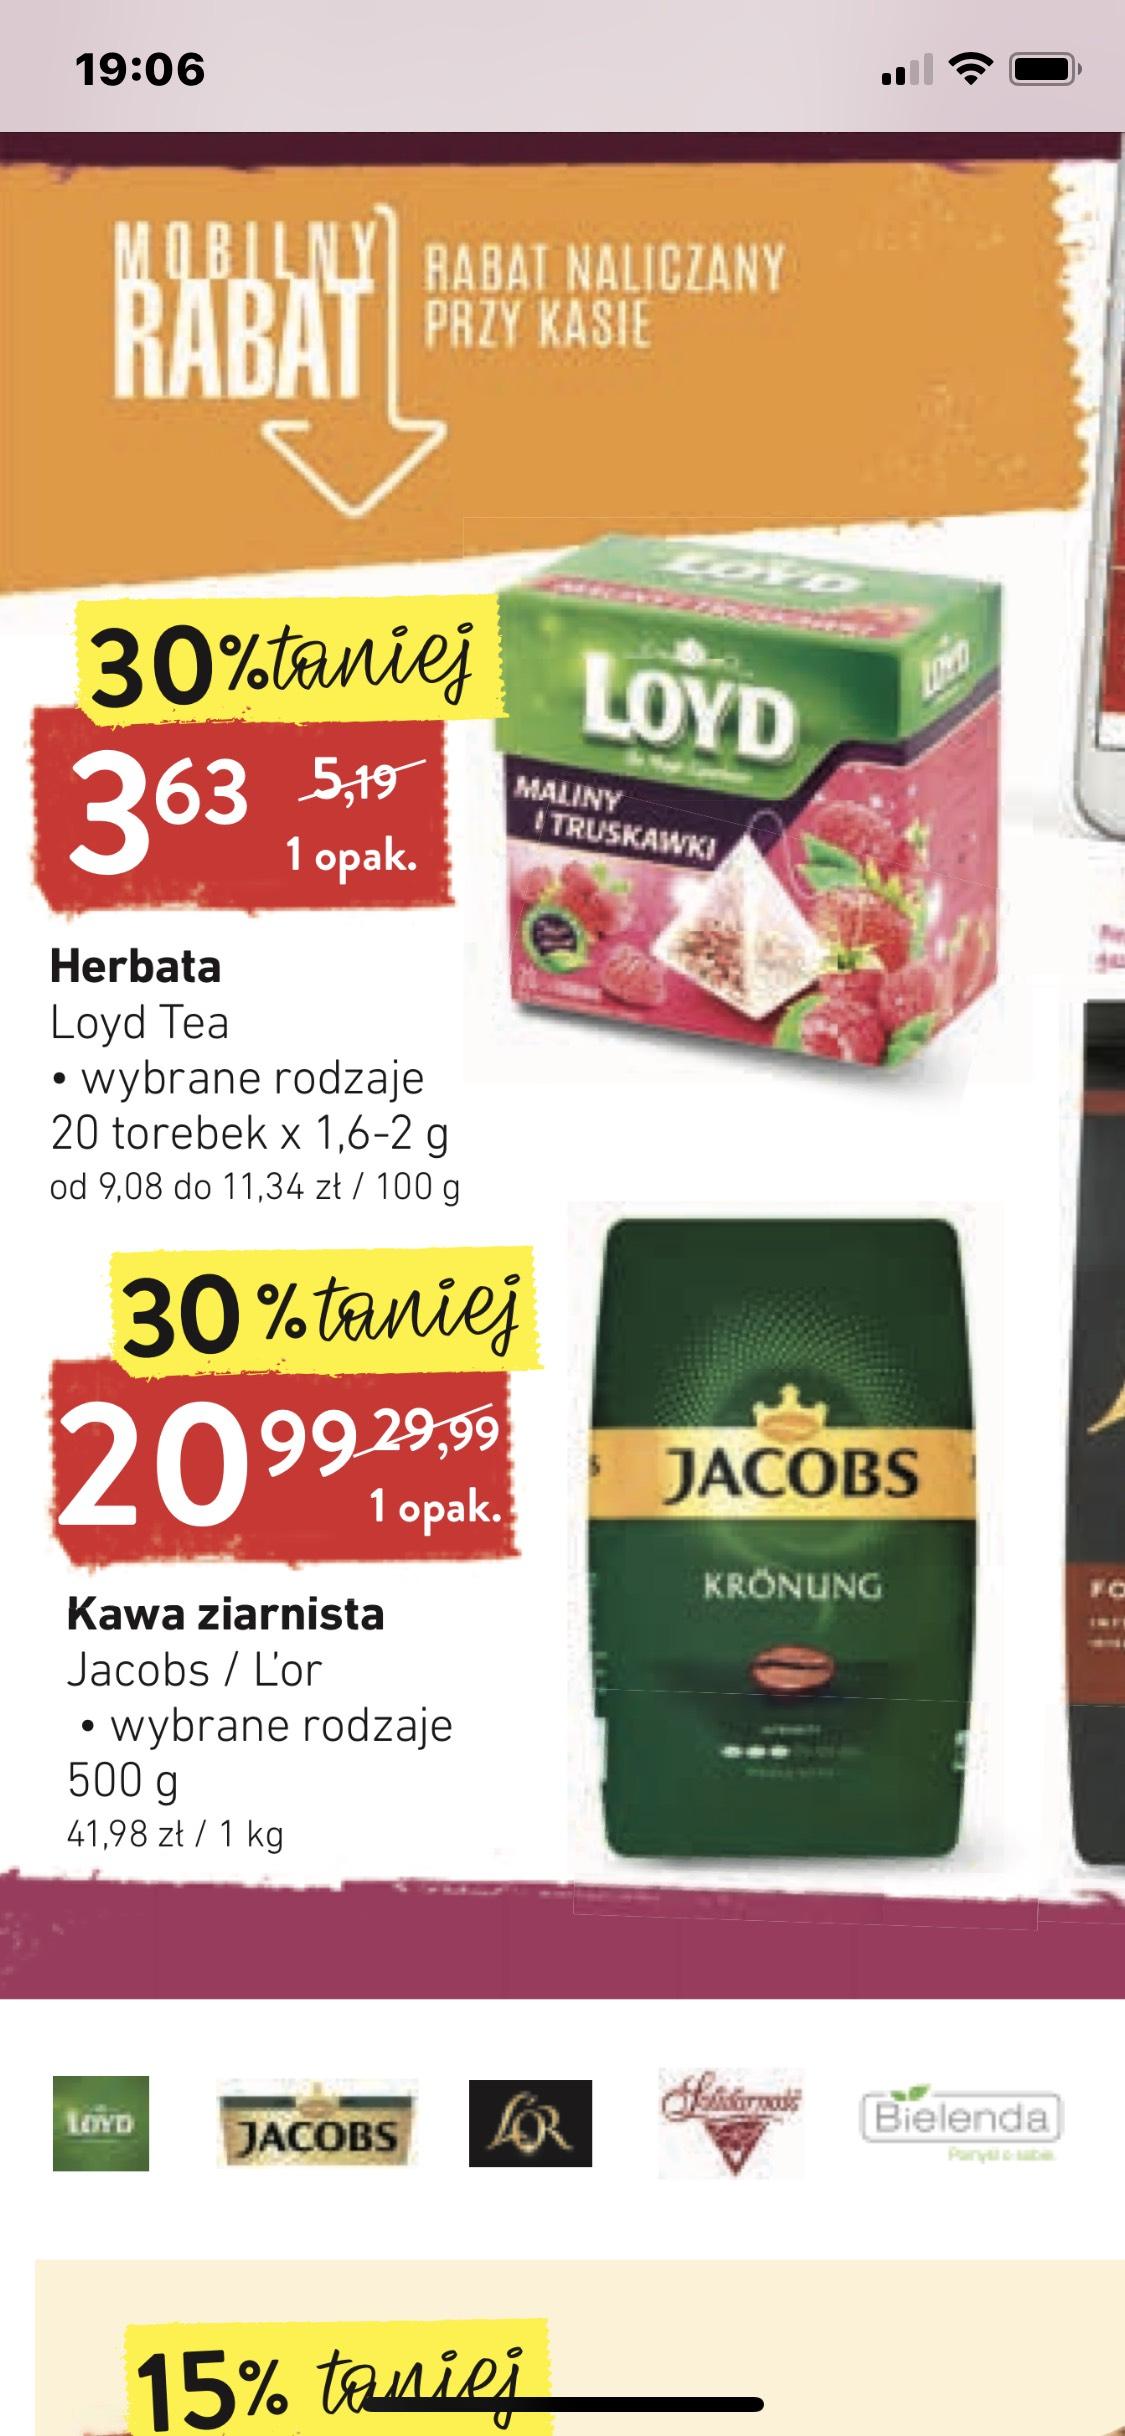 Intermarche Jacobs kawa ziarnista 0,5 kg za 20,99